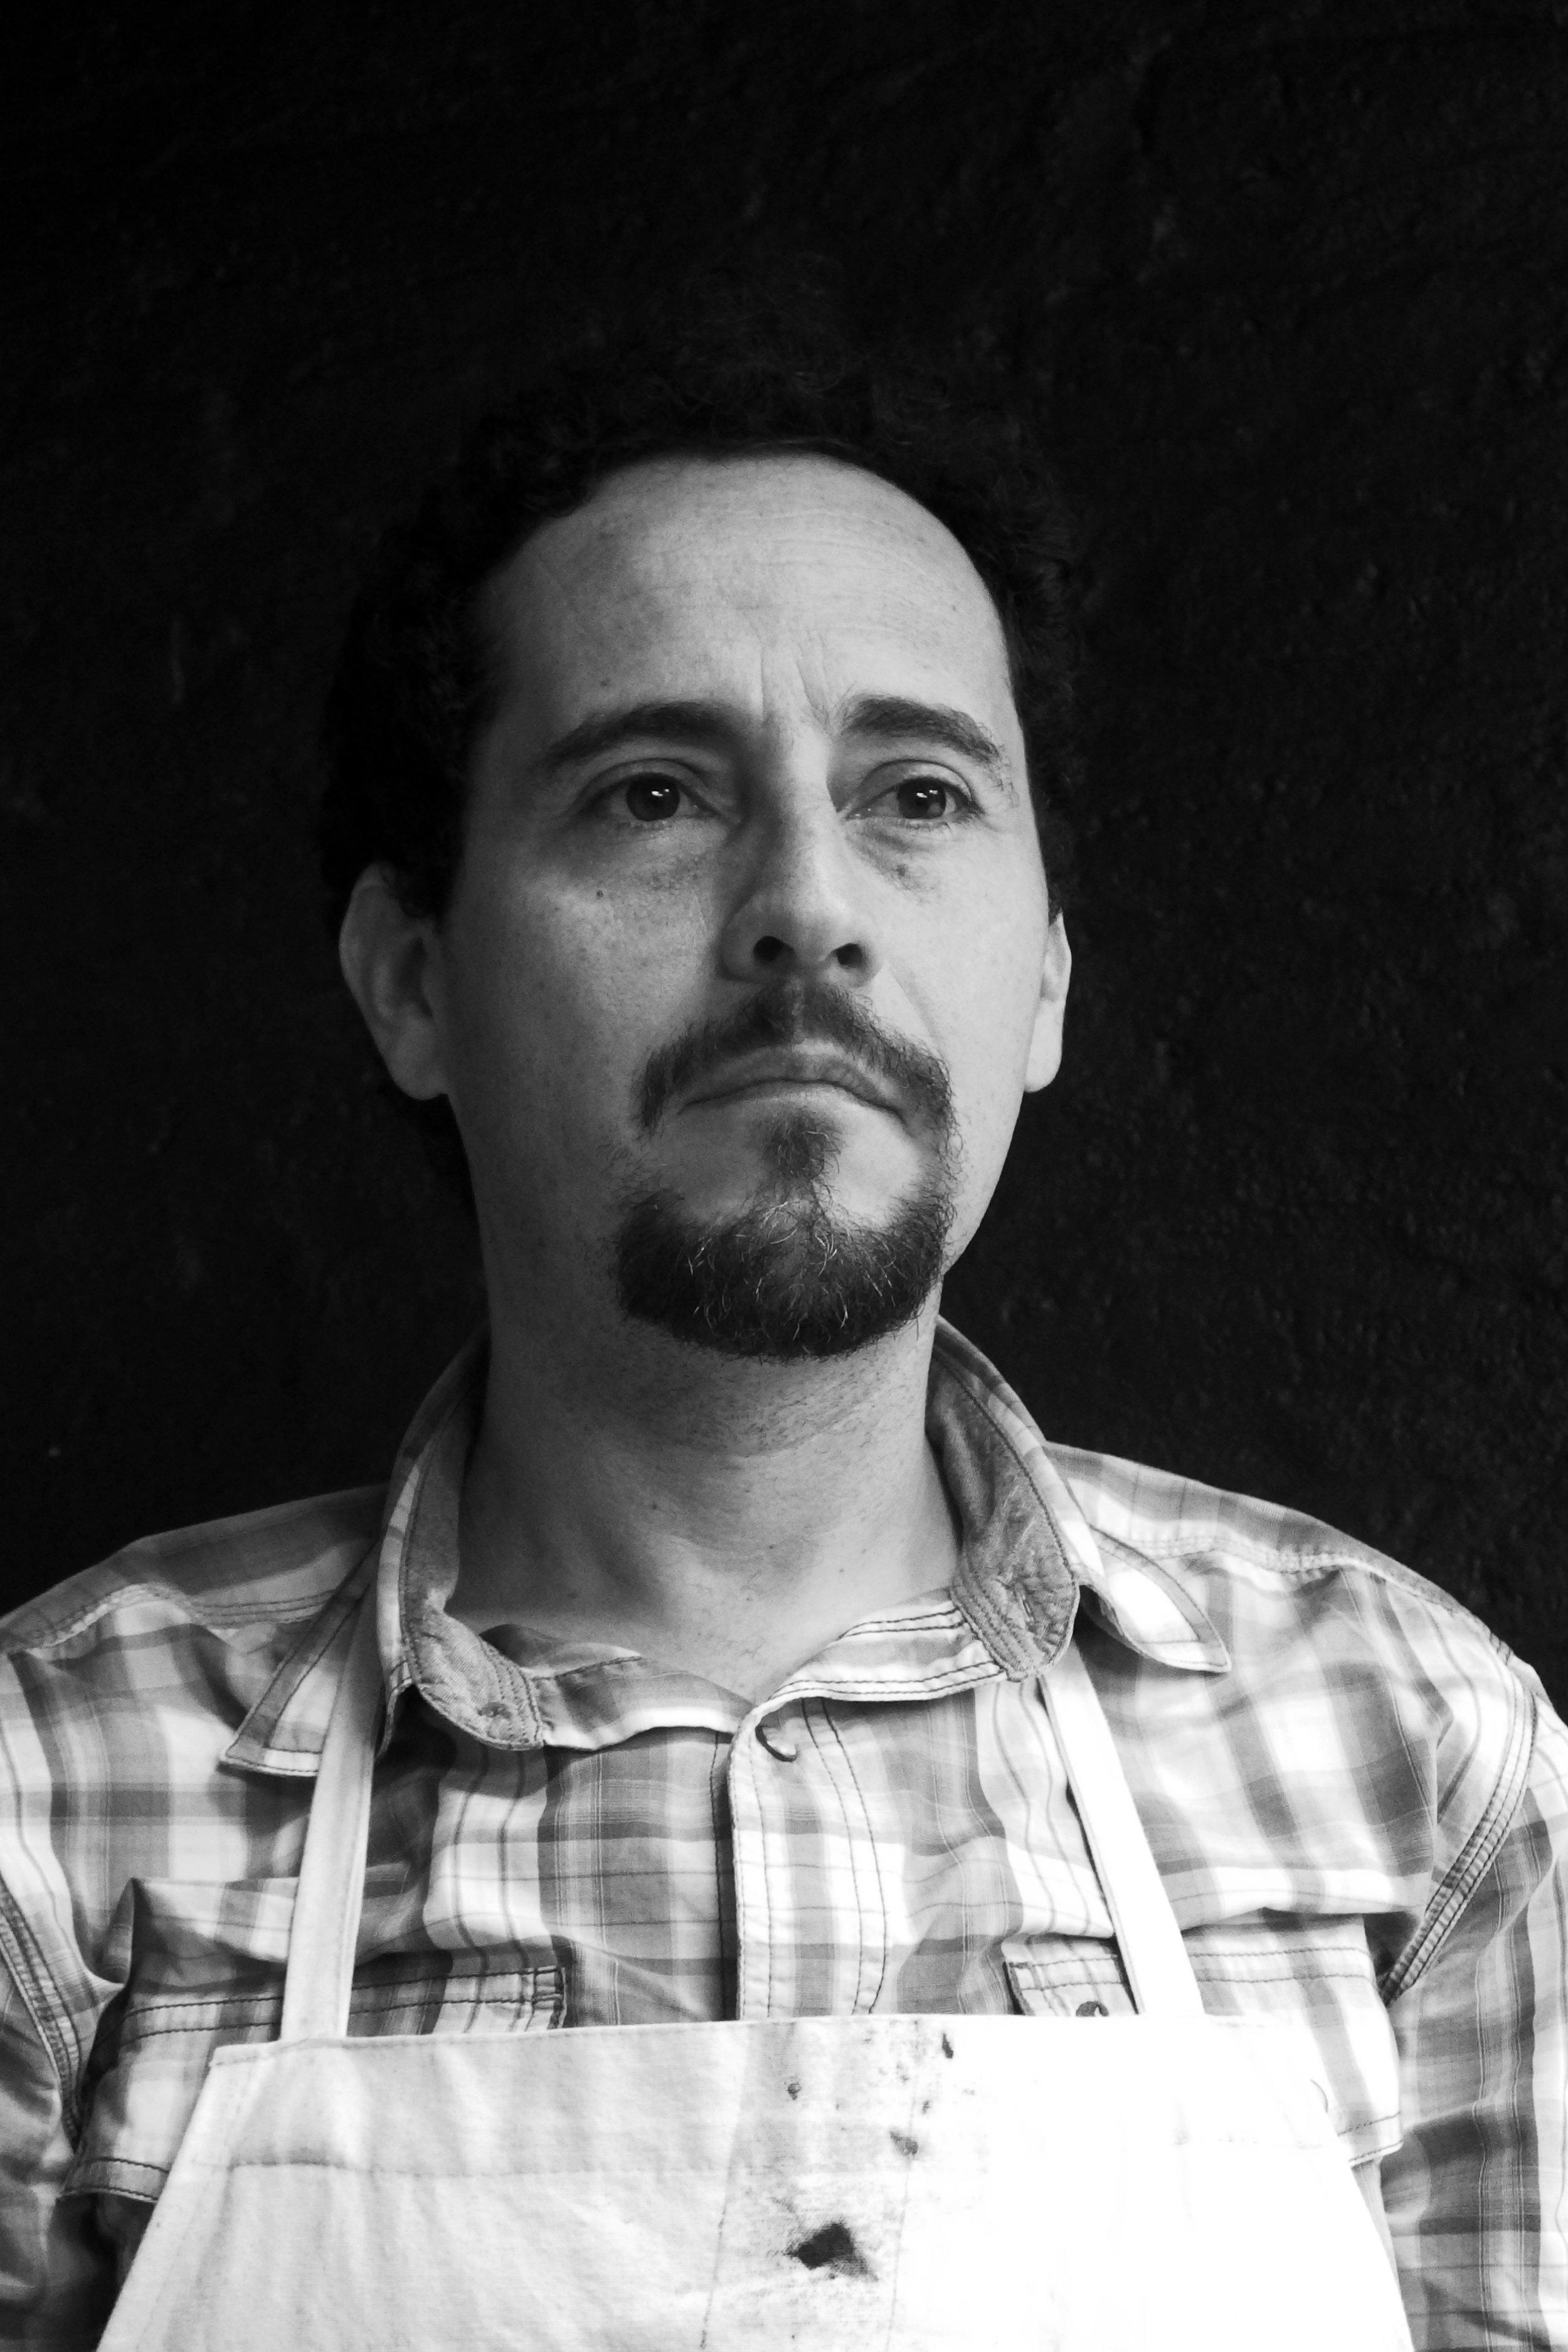 Andres Arizaga Cordero